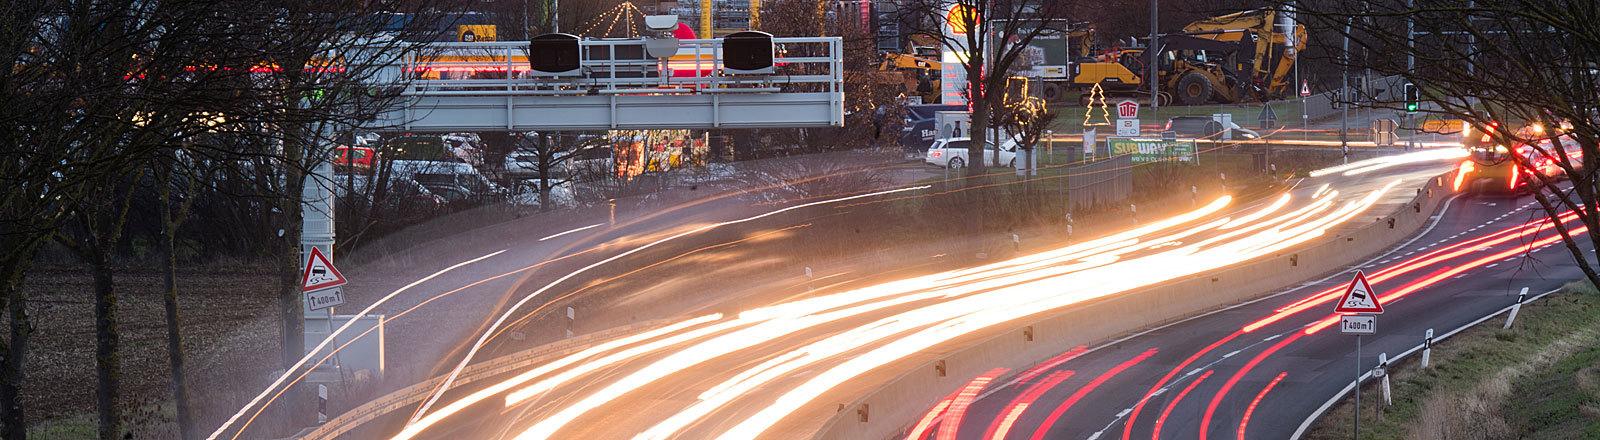 Niedersachsen, Laatzen: Autos fahren auf der Bundesstraße B6 in der Region Hannover vorbei an einem Streckenradar (Aufnahme mit langer Verschlusszeit)